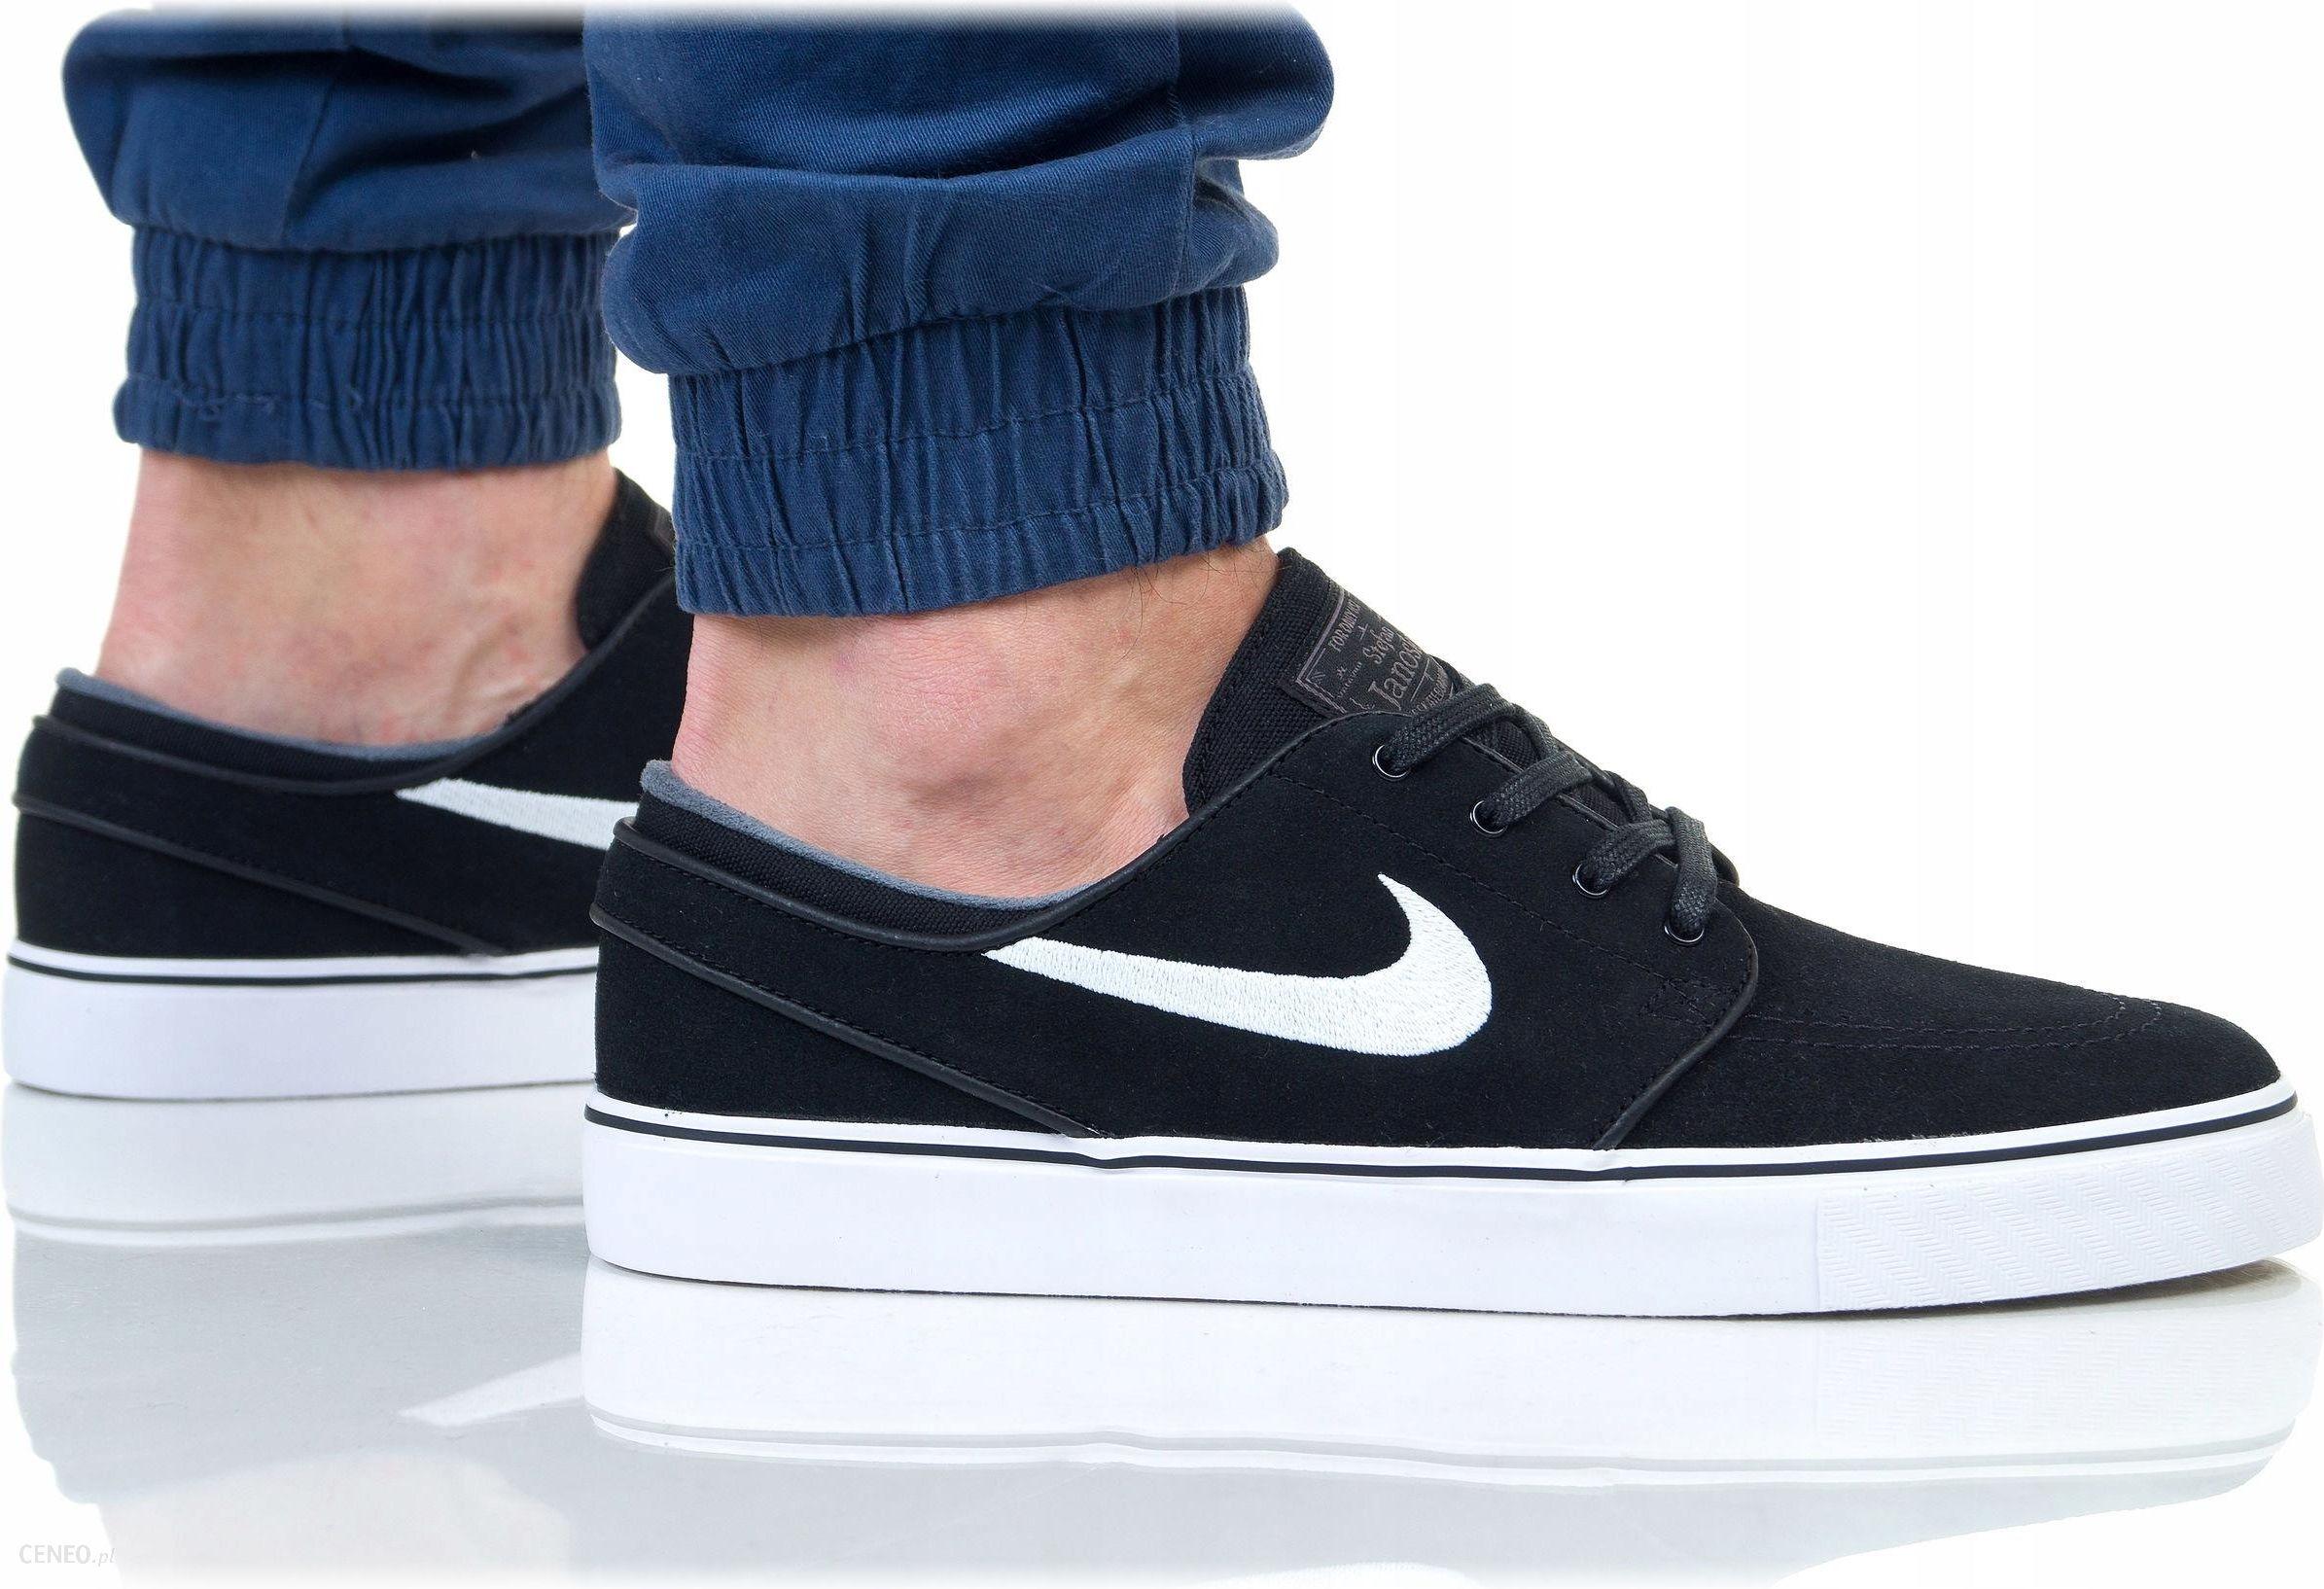 Buty Nike Męskie Zoom Stefan Janoski 333824 067 Ceny i opinie Ceneo.pl